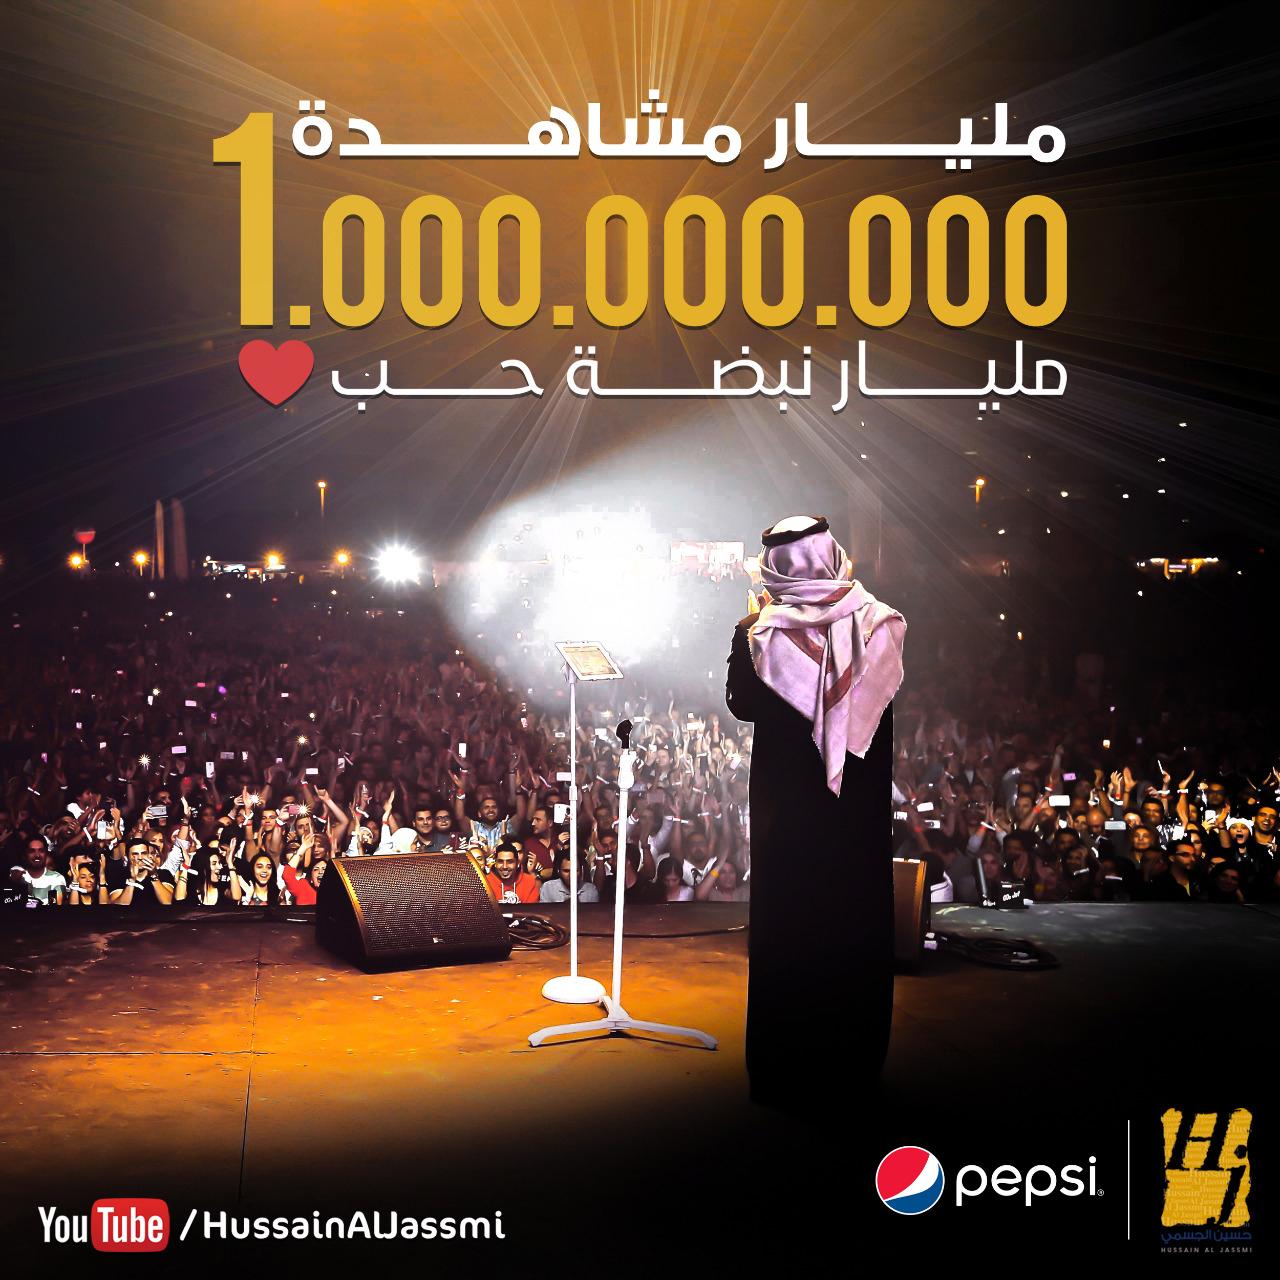 صورة لأول مرة فنان عربي يصل الى مليار مشاهدة .. والطموح عالمي